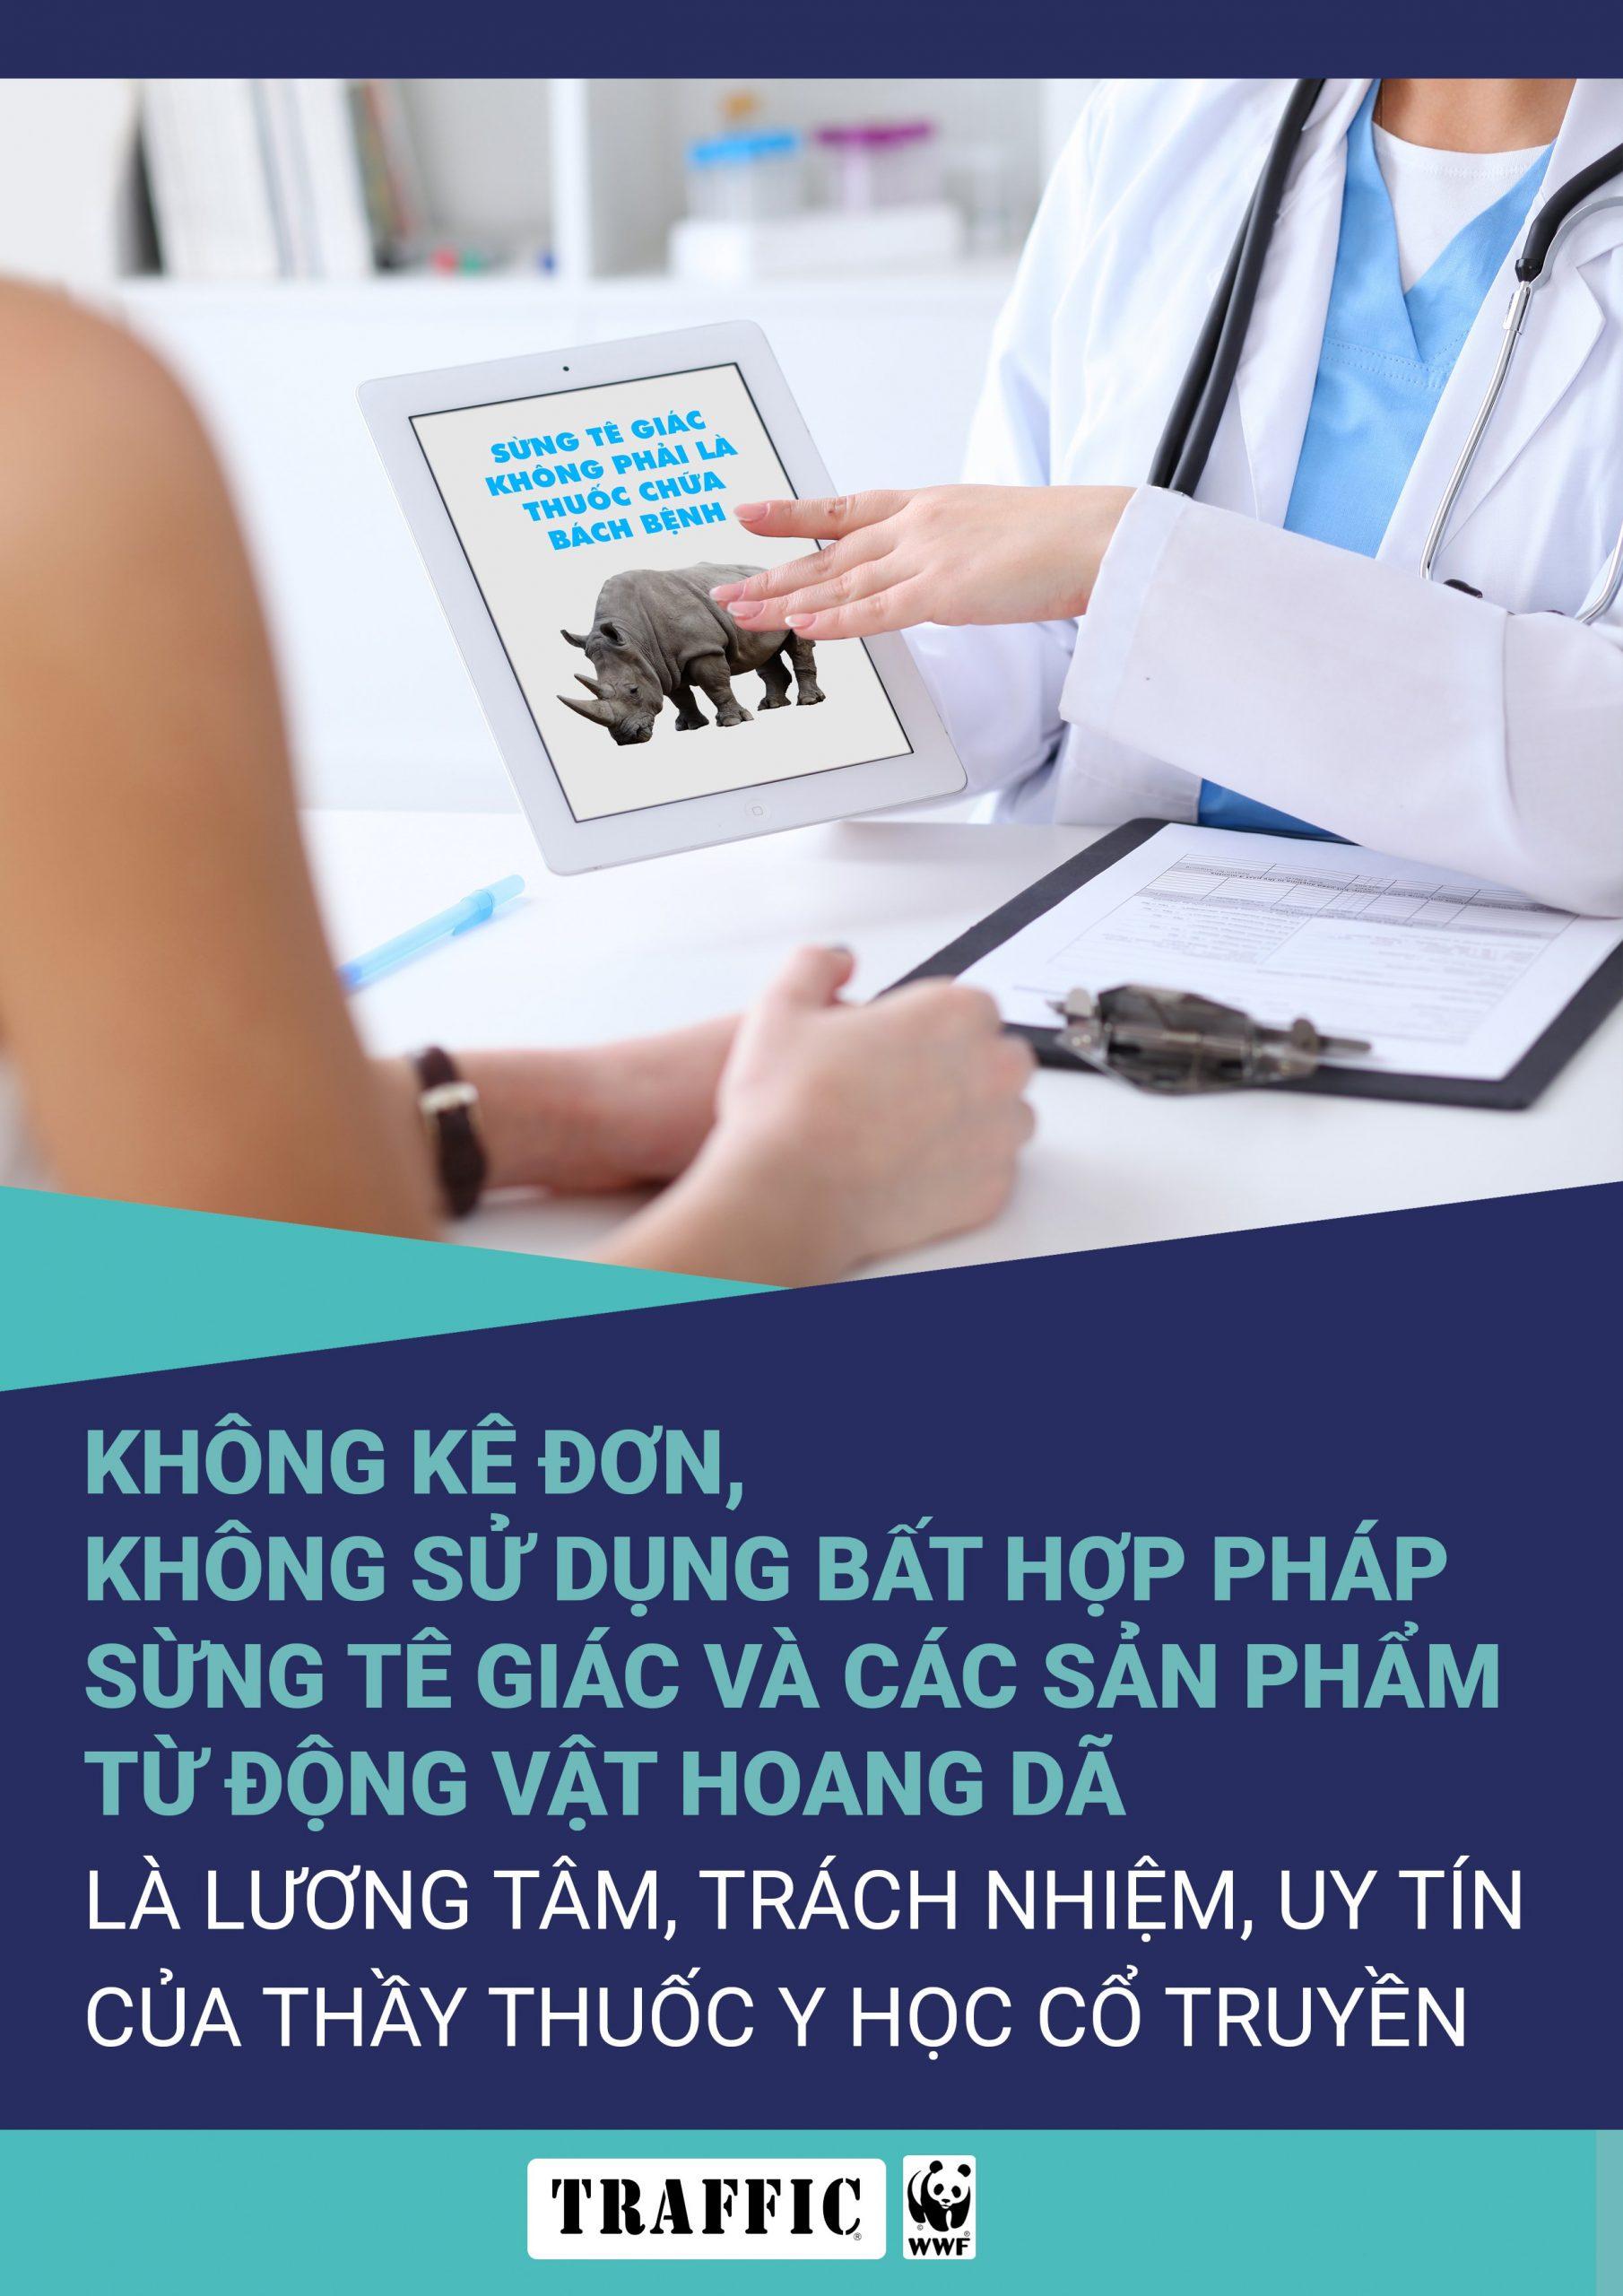 Không kê đơn, không sử dụng bất hợp pháp sừng tê giác và các sản phẩm từ động vật hoang dã là lương tâm, trách nhiệm và uy tín của thầy thuốc y học cổ truyền!